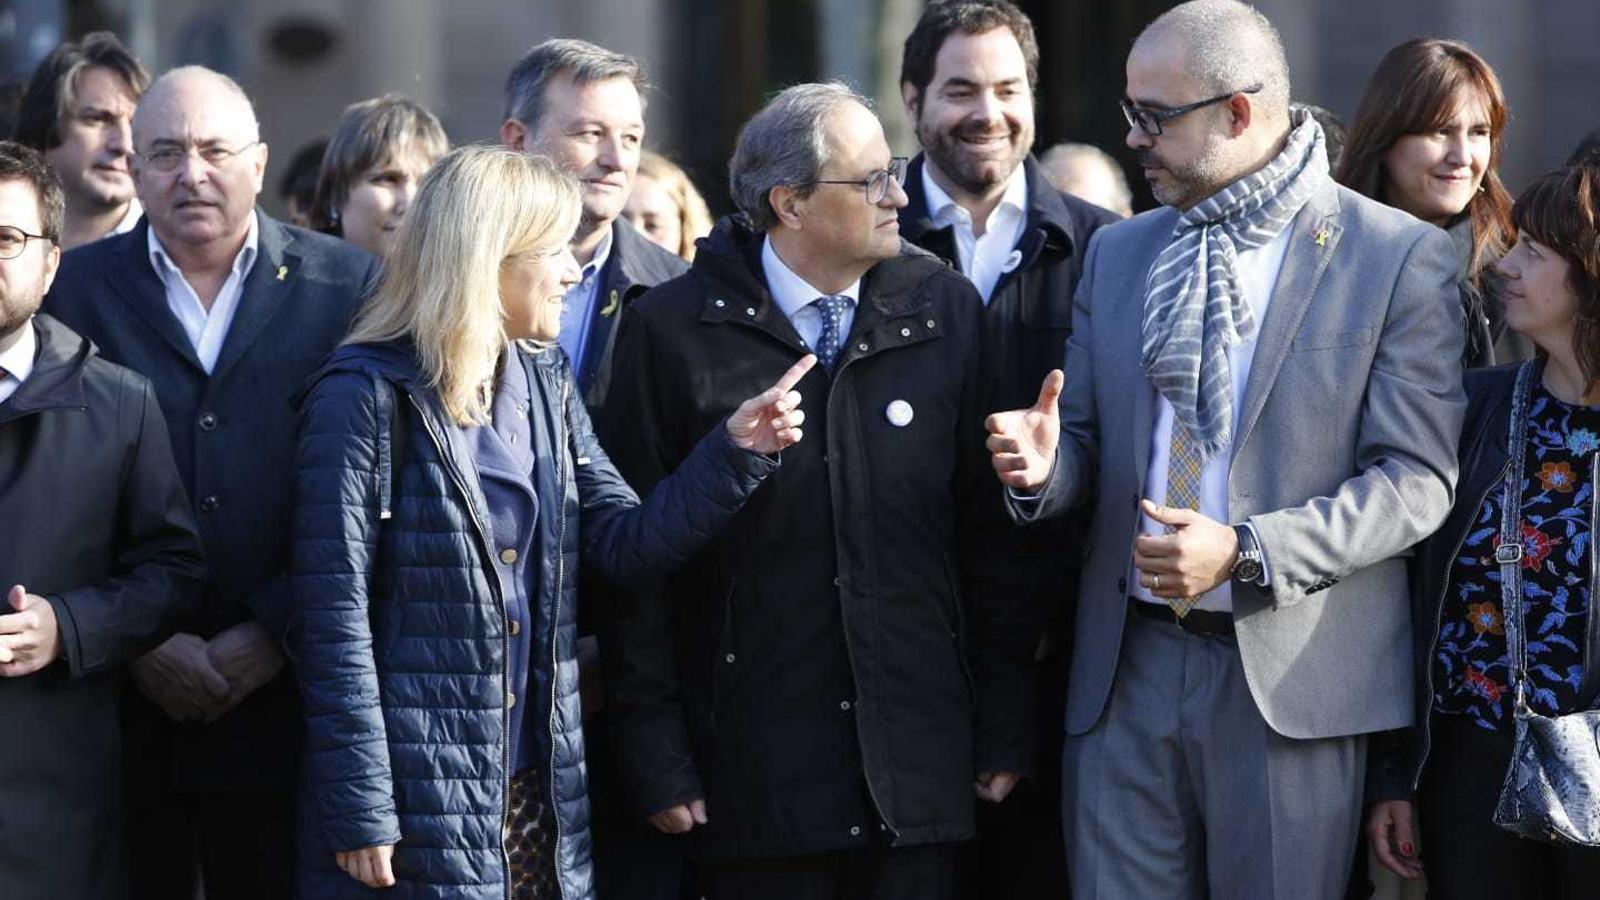 Lloveras i Buch conversen amb el president Quim Torra, que els ha acompanyat, juntament amb altres membres del Govern, fins al TSJC